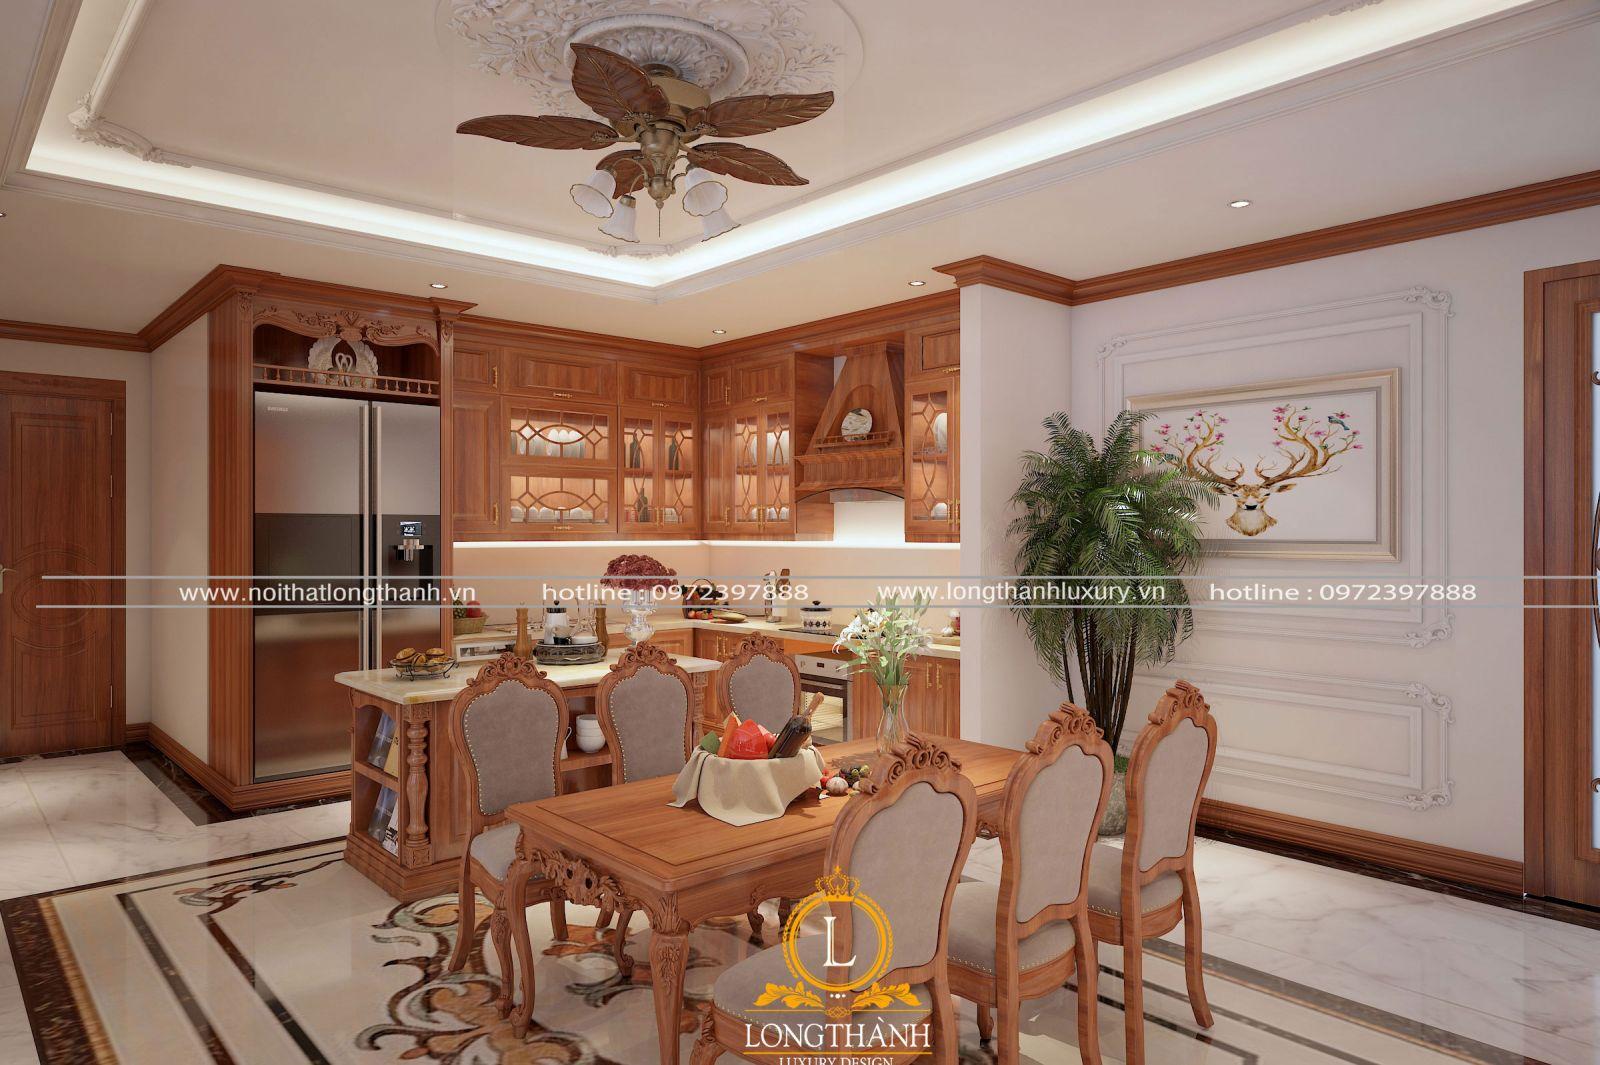 Bộ bàn ăn 6 chỗ cho không gian phòng bếp nhà biệt thự